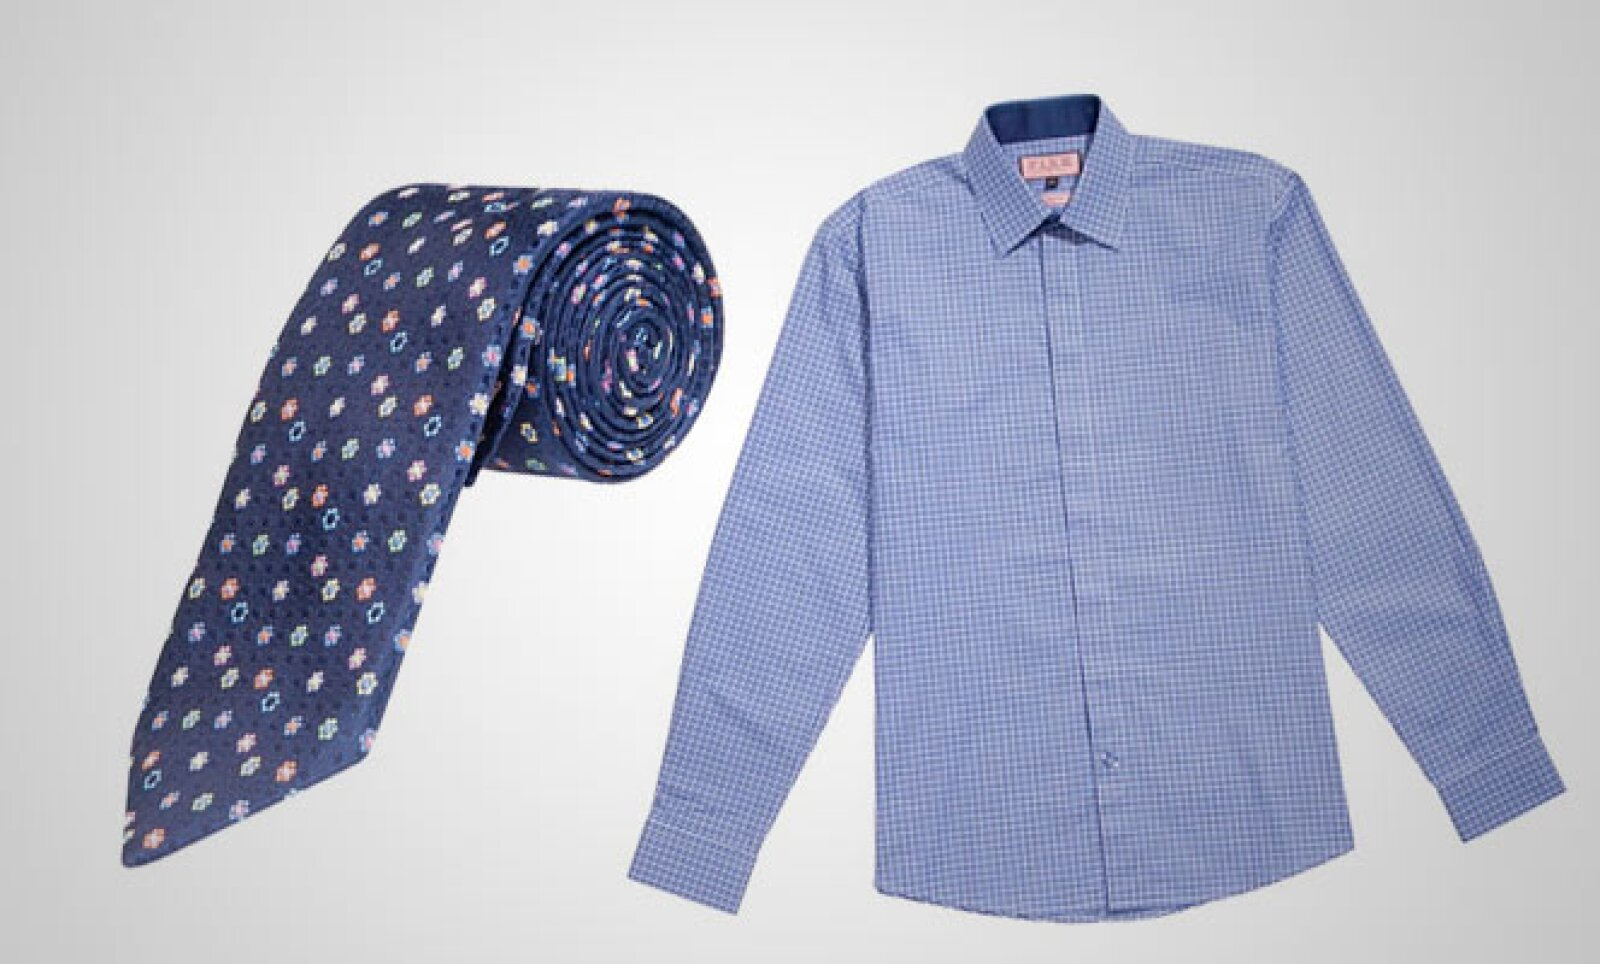 Una camisa azul en seda que se combina con una corbata del mismo material.